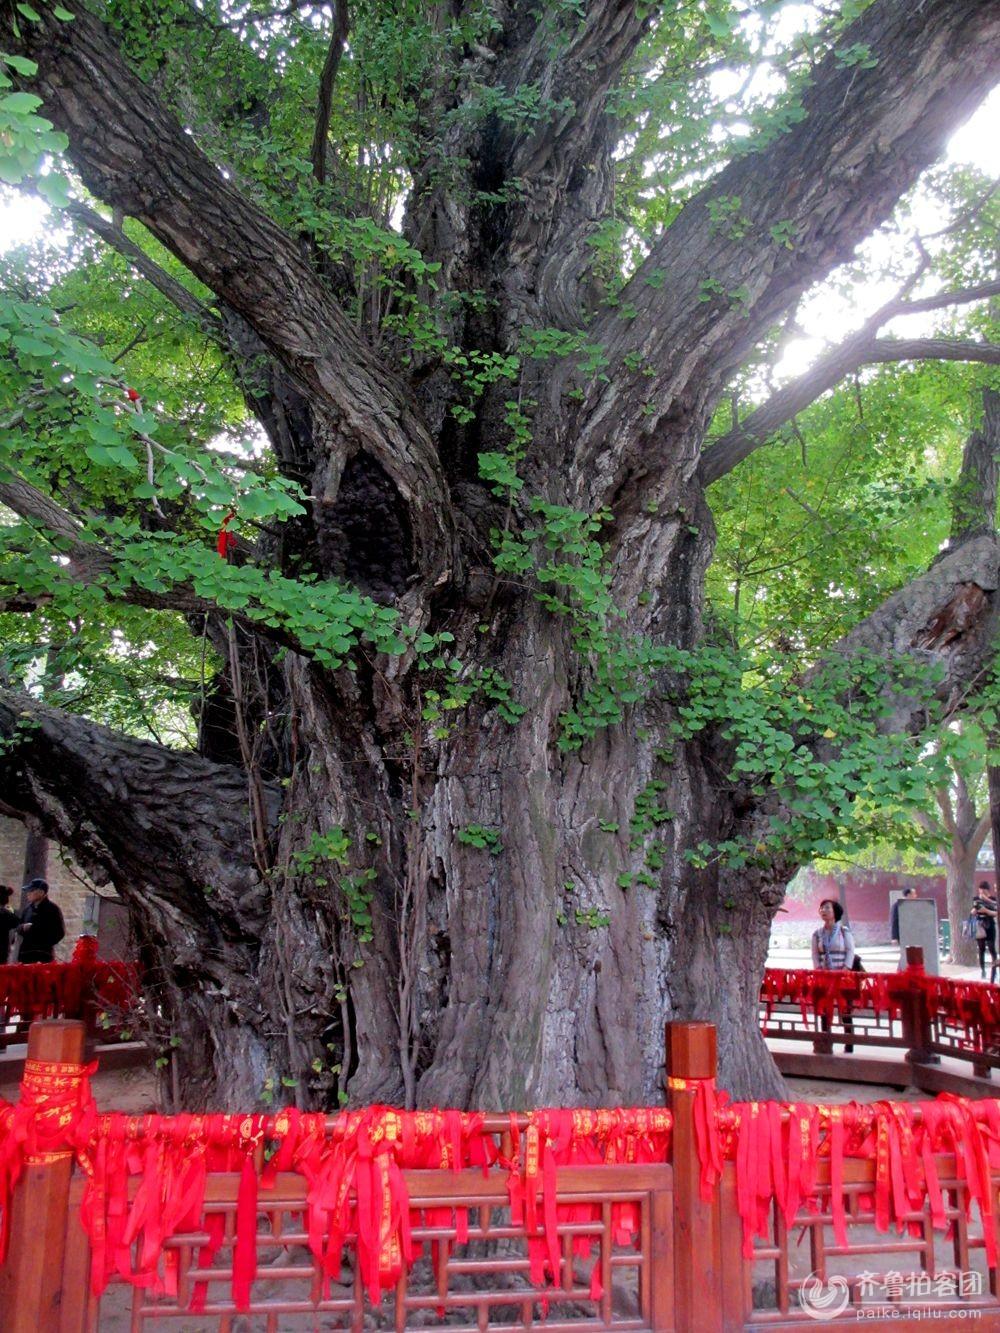 天下第一银杏树 - 日照拍客